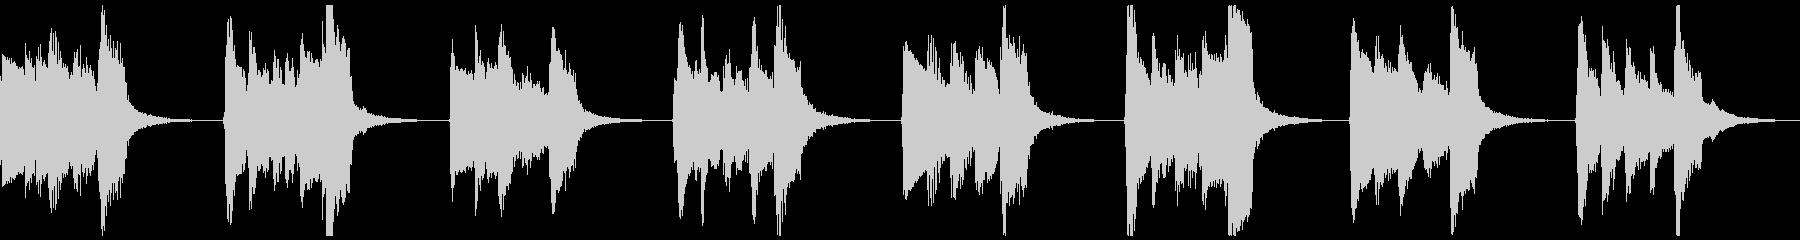 【ループ】中世風のギター:太古の森2の未再生の波形